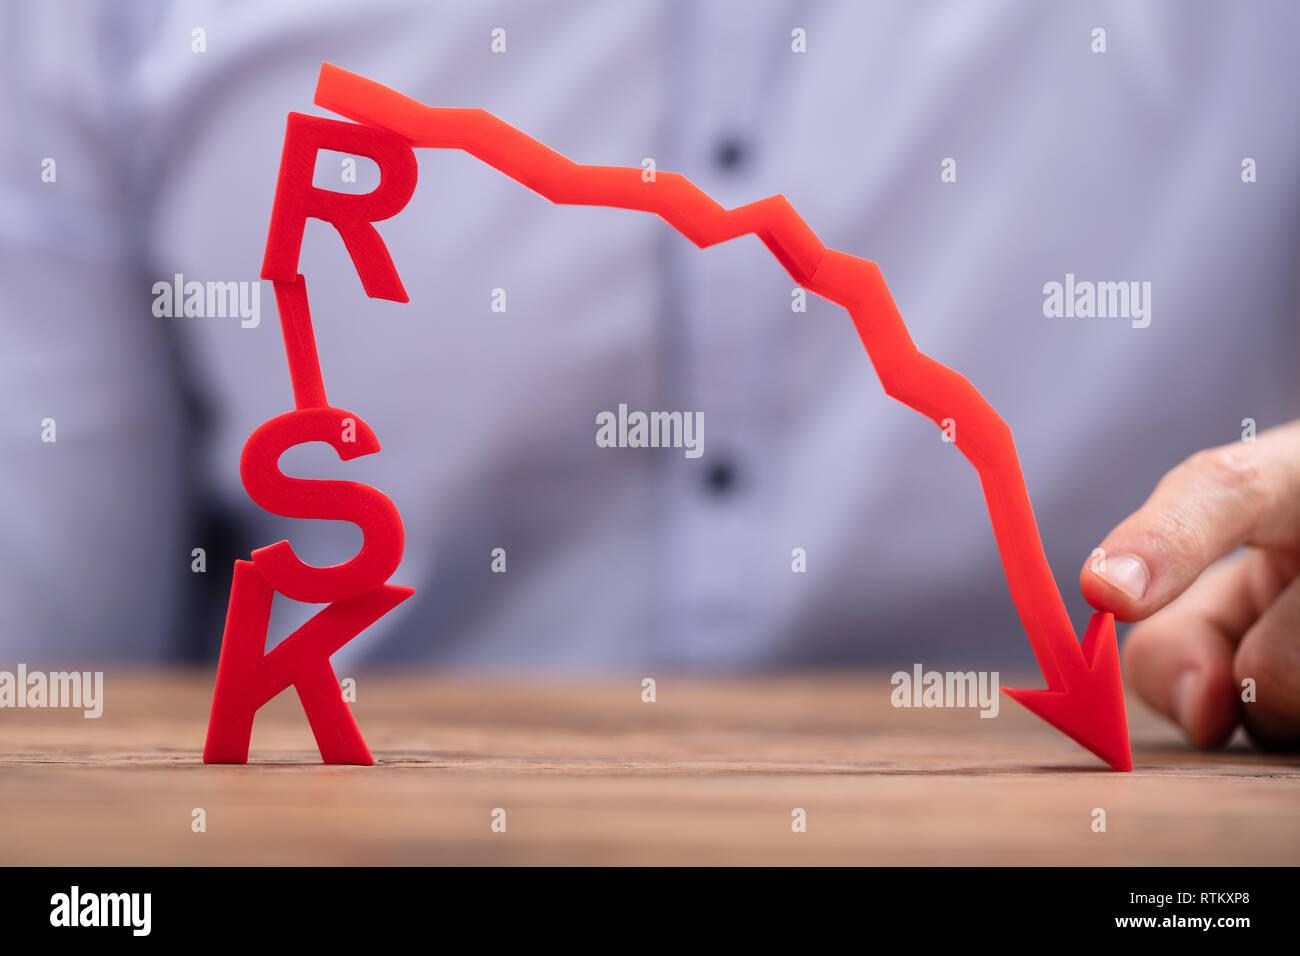 Empresario disminuyendo la flecha roja apuntando allí riesgo texto sobre un mostrador de madera Foto de stock